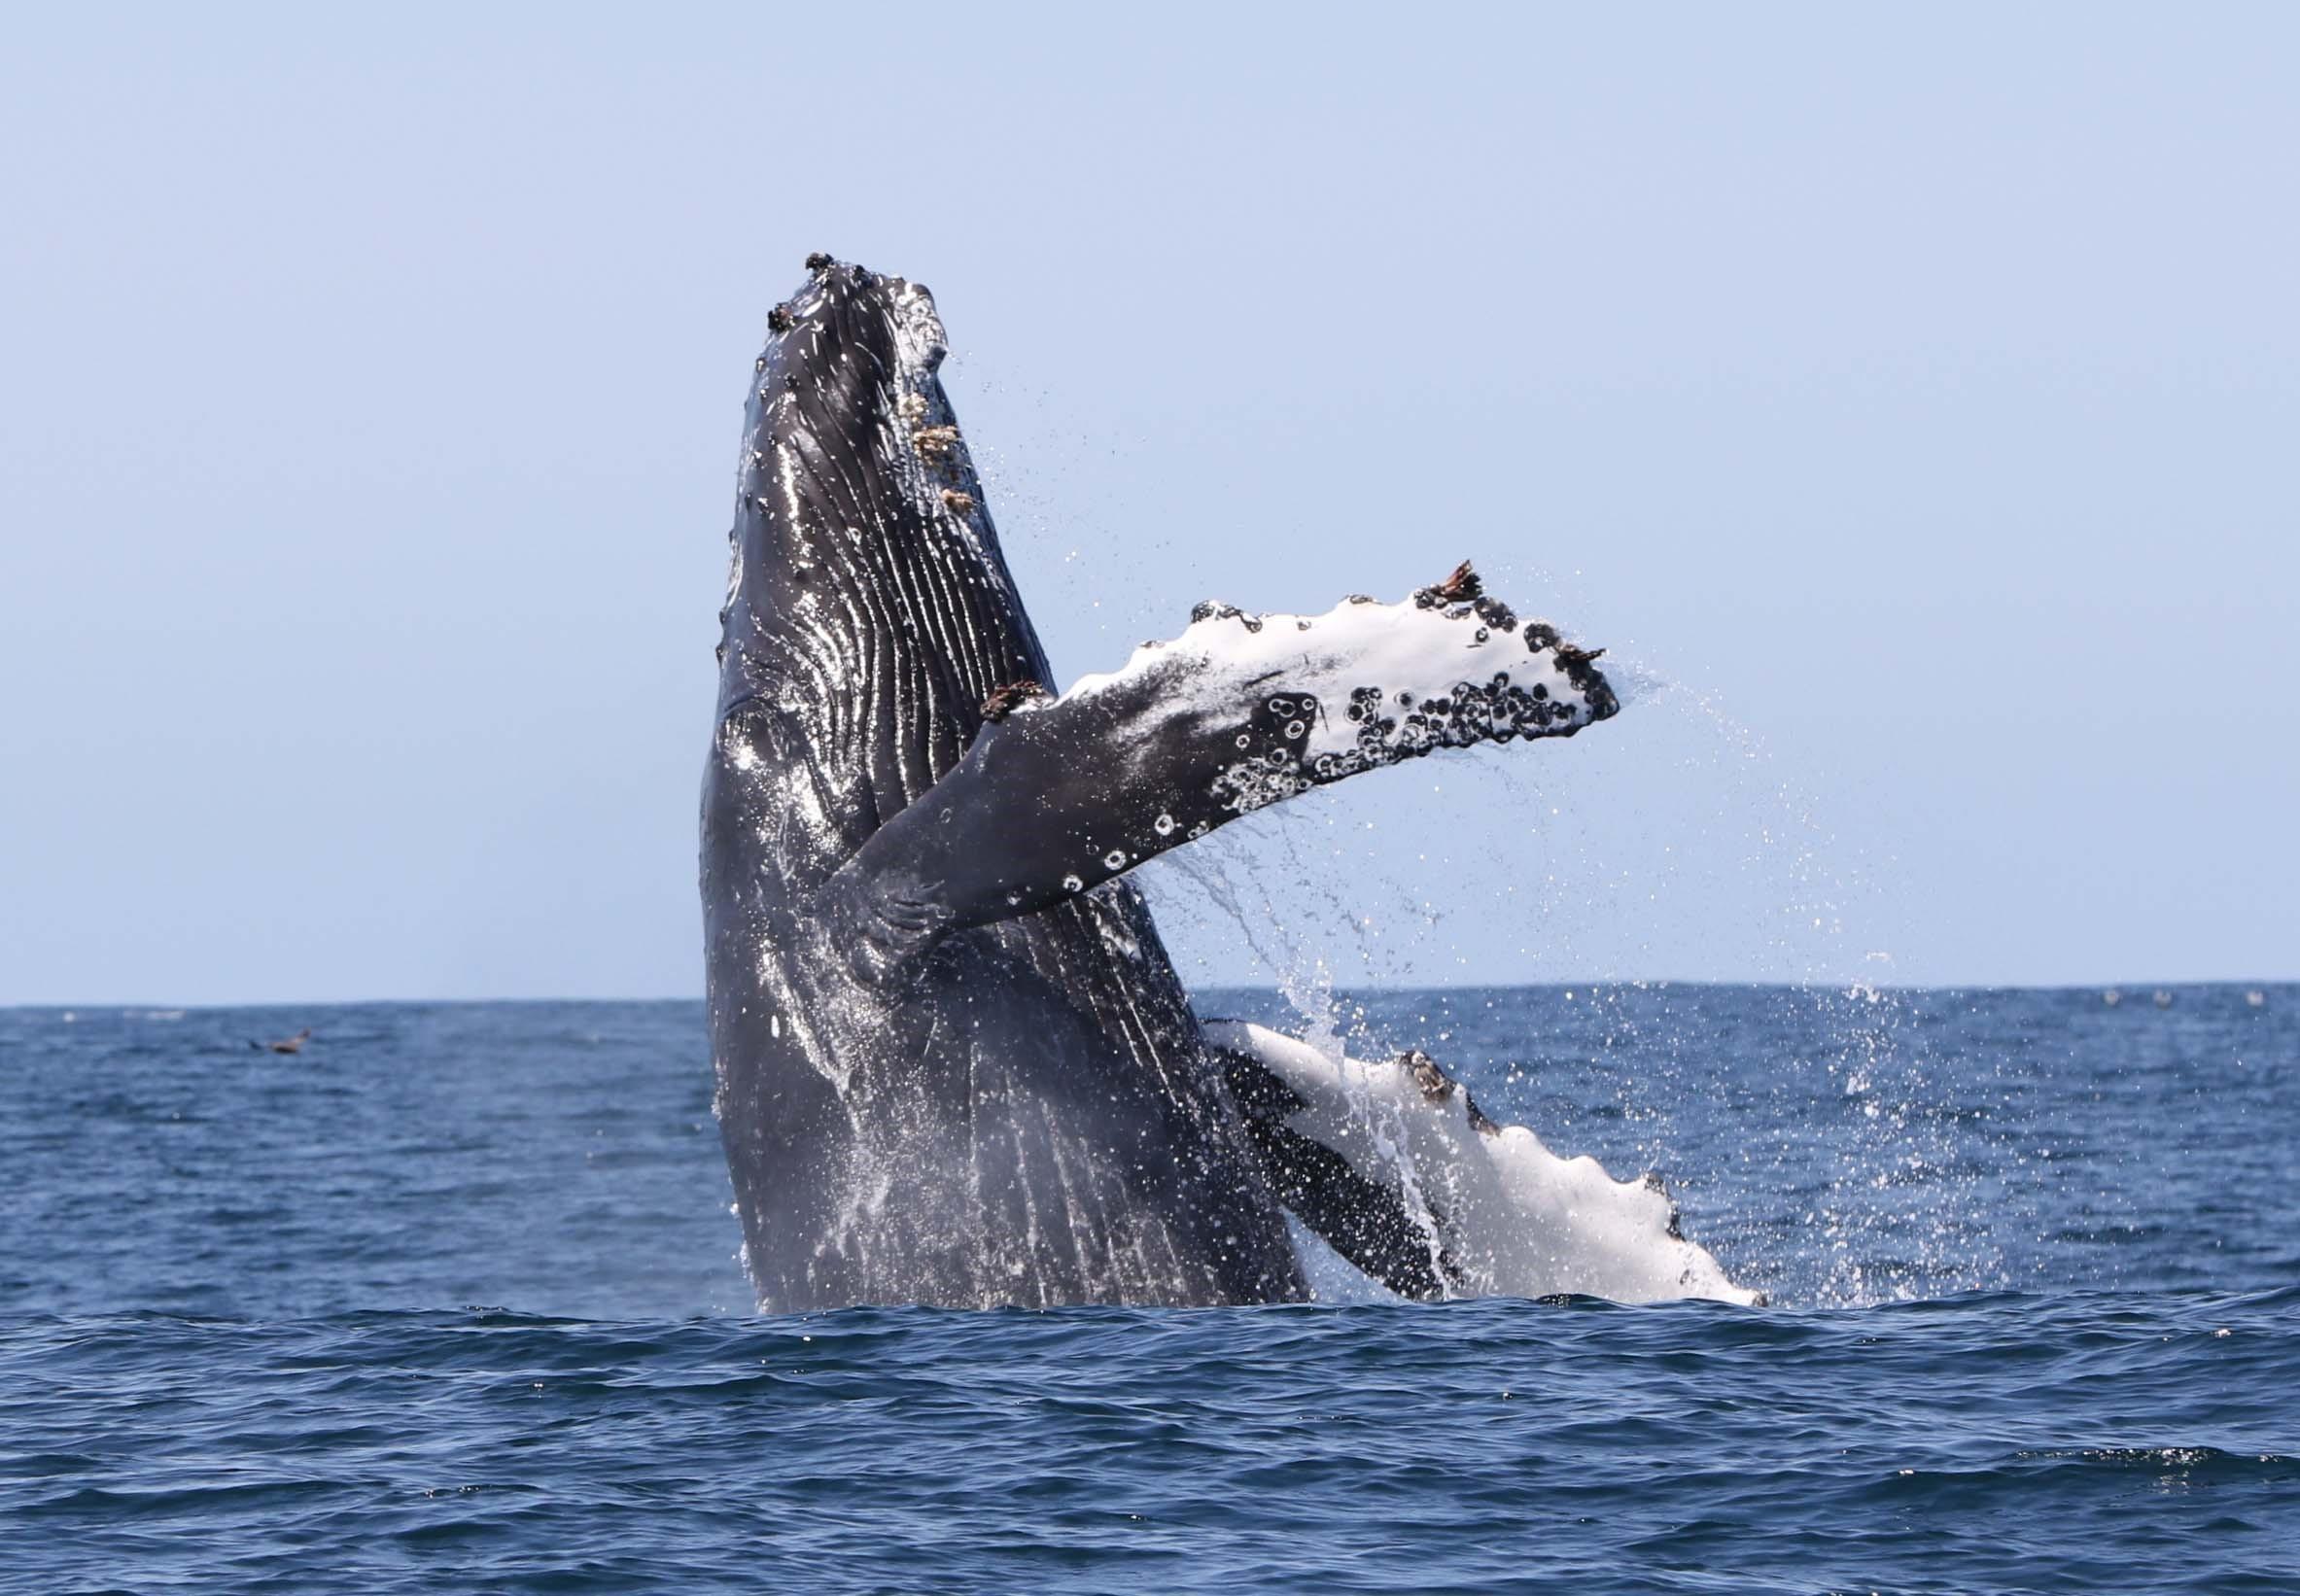 วาฬหลังค่อมที่ยิ่งใหญ่ในน่านน้ำของWestfjords